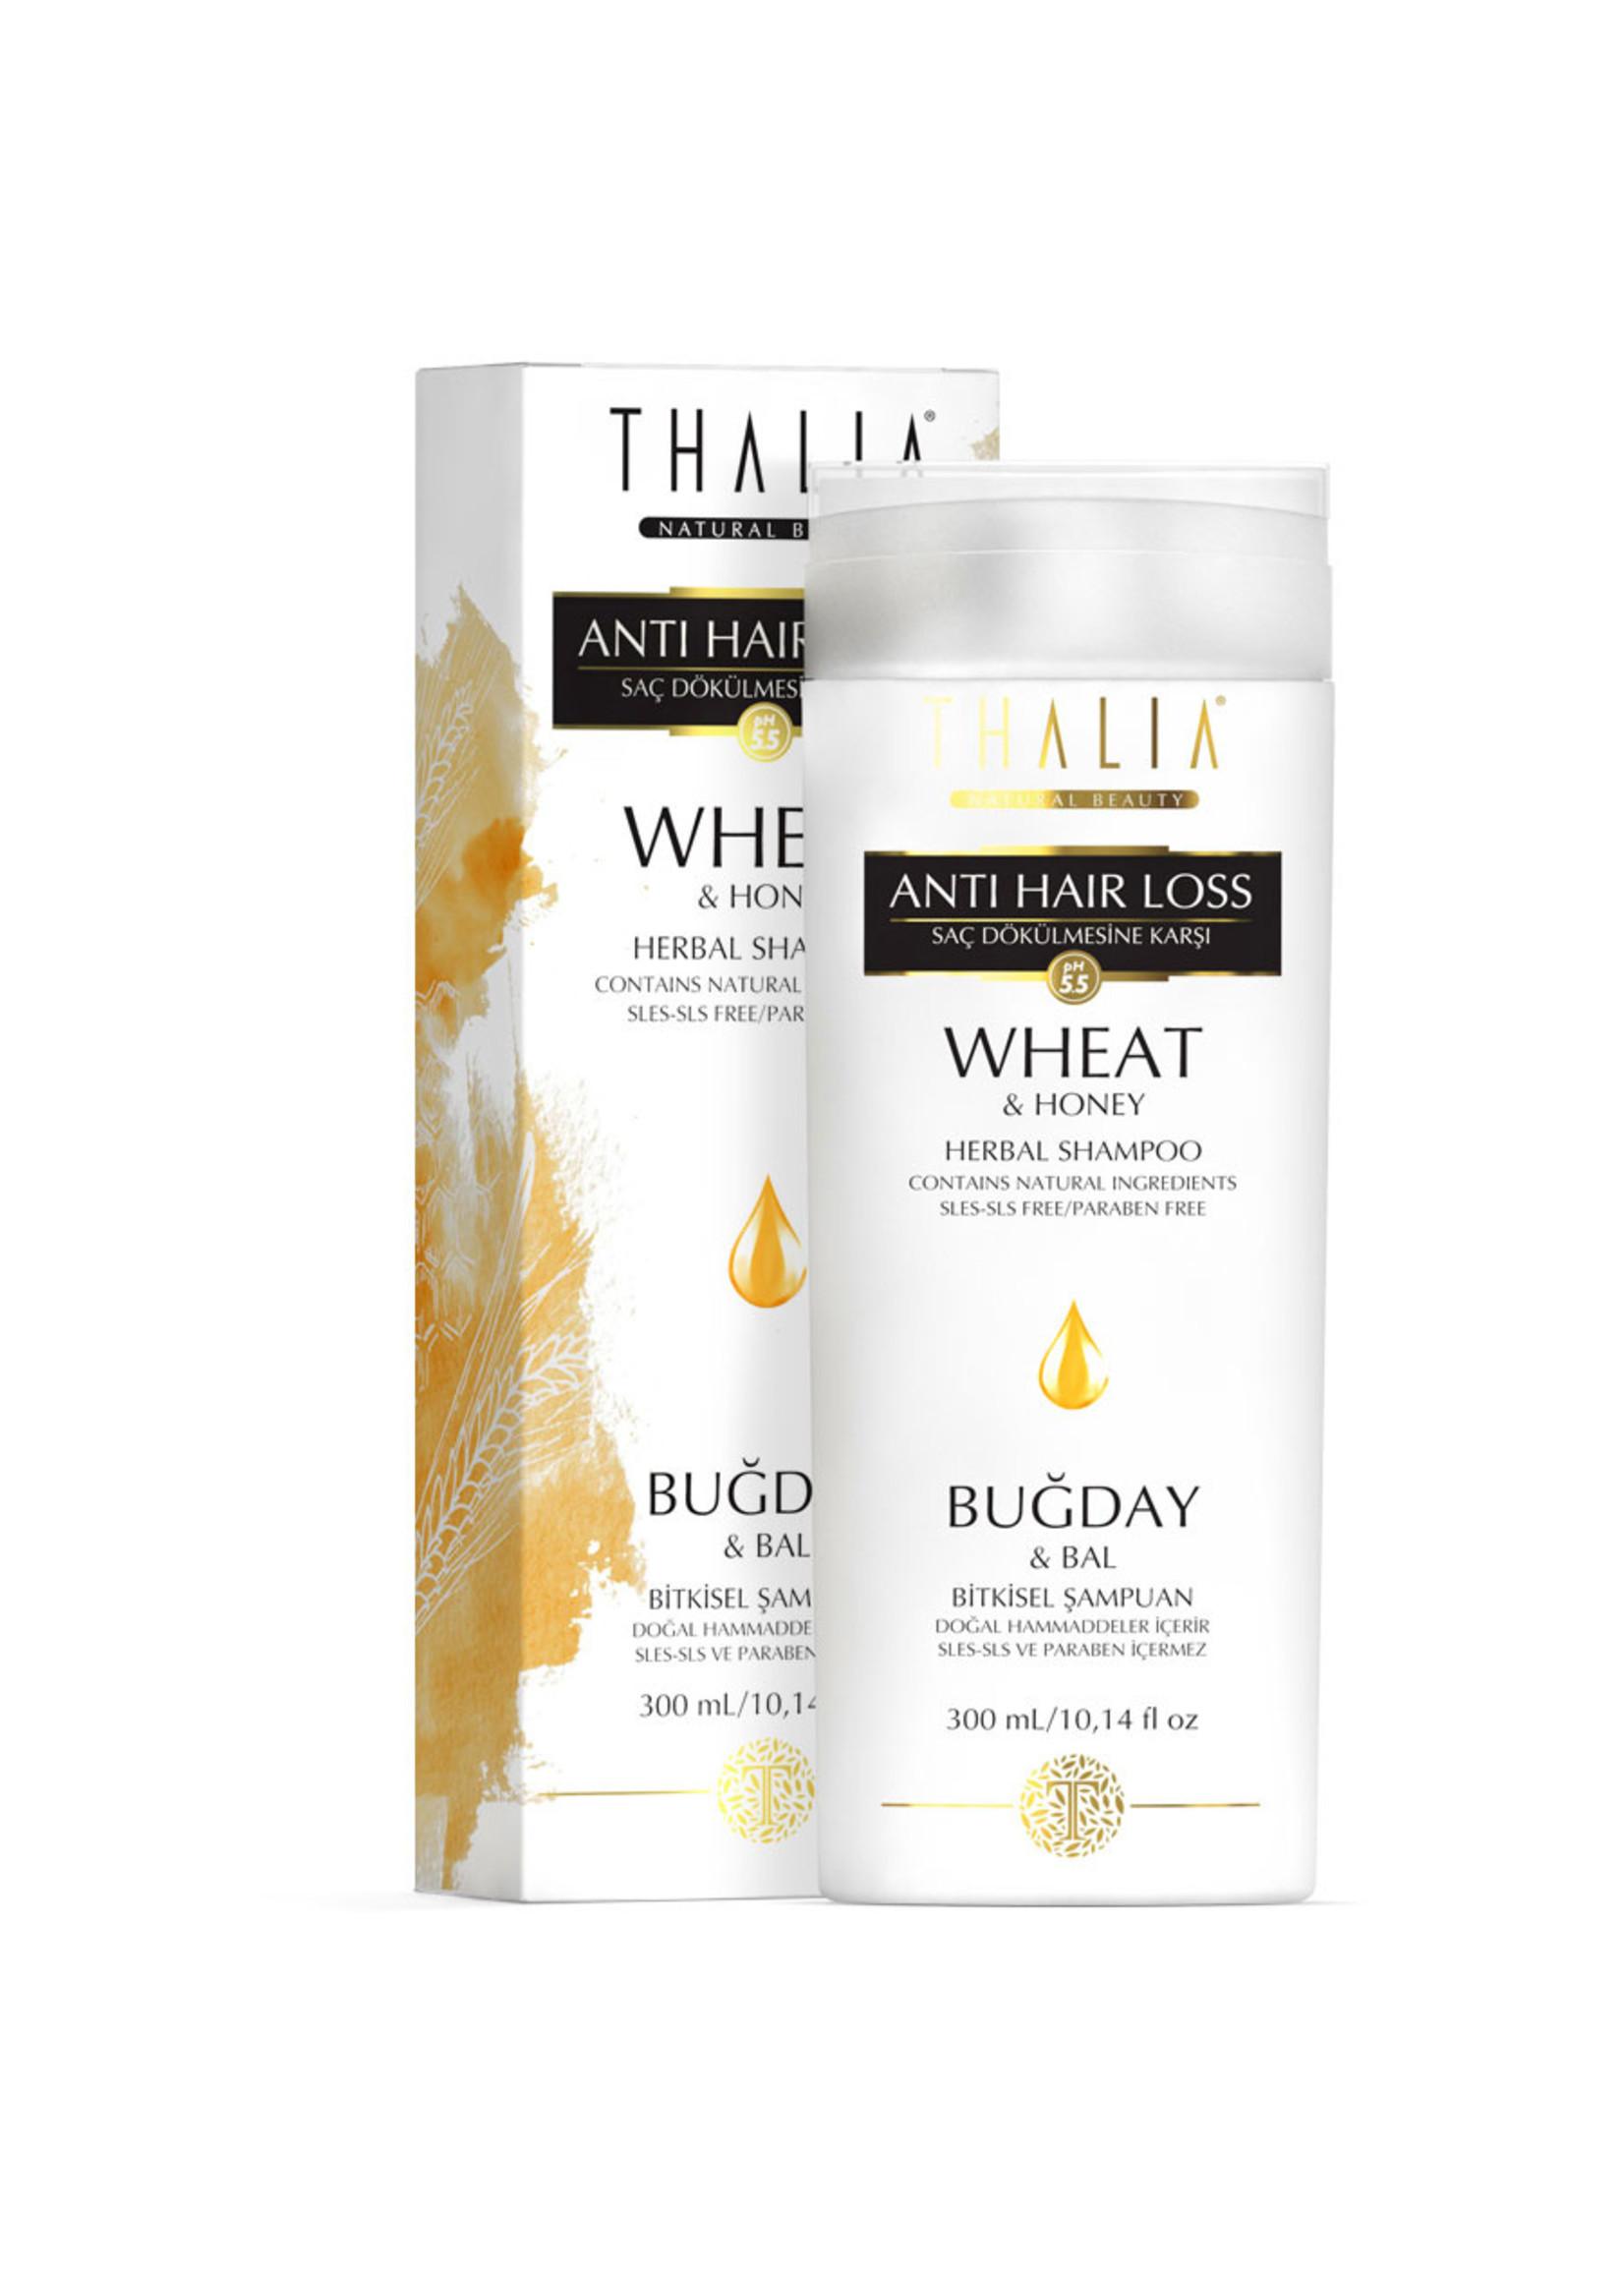 Thalia Saç Dökülmesine Karşı Etkili Buğday ve Bal Özlü Şampuan - 300 ml